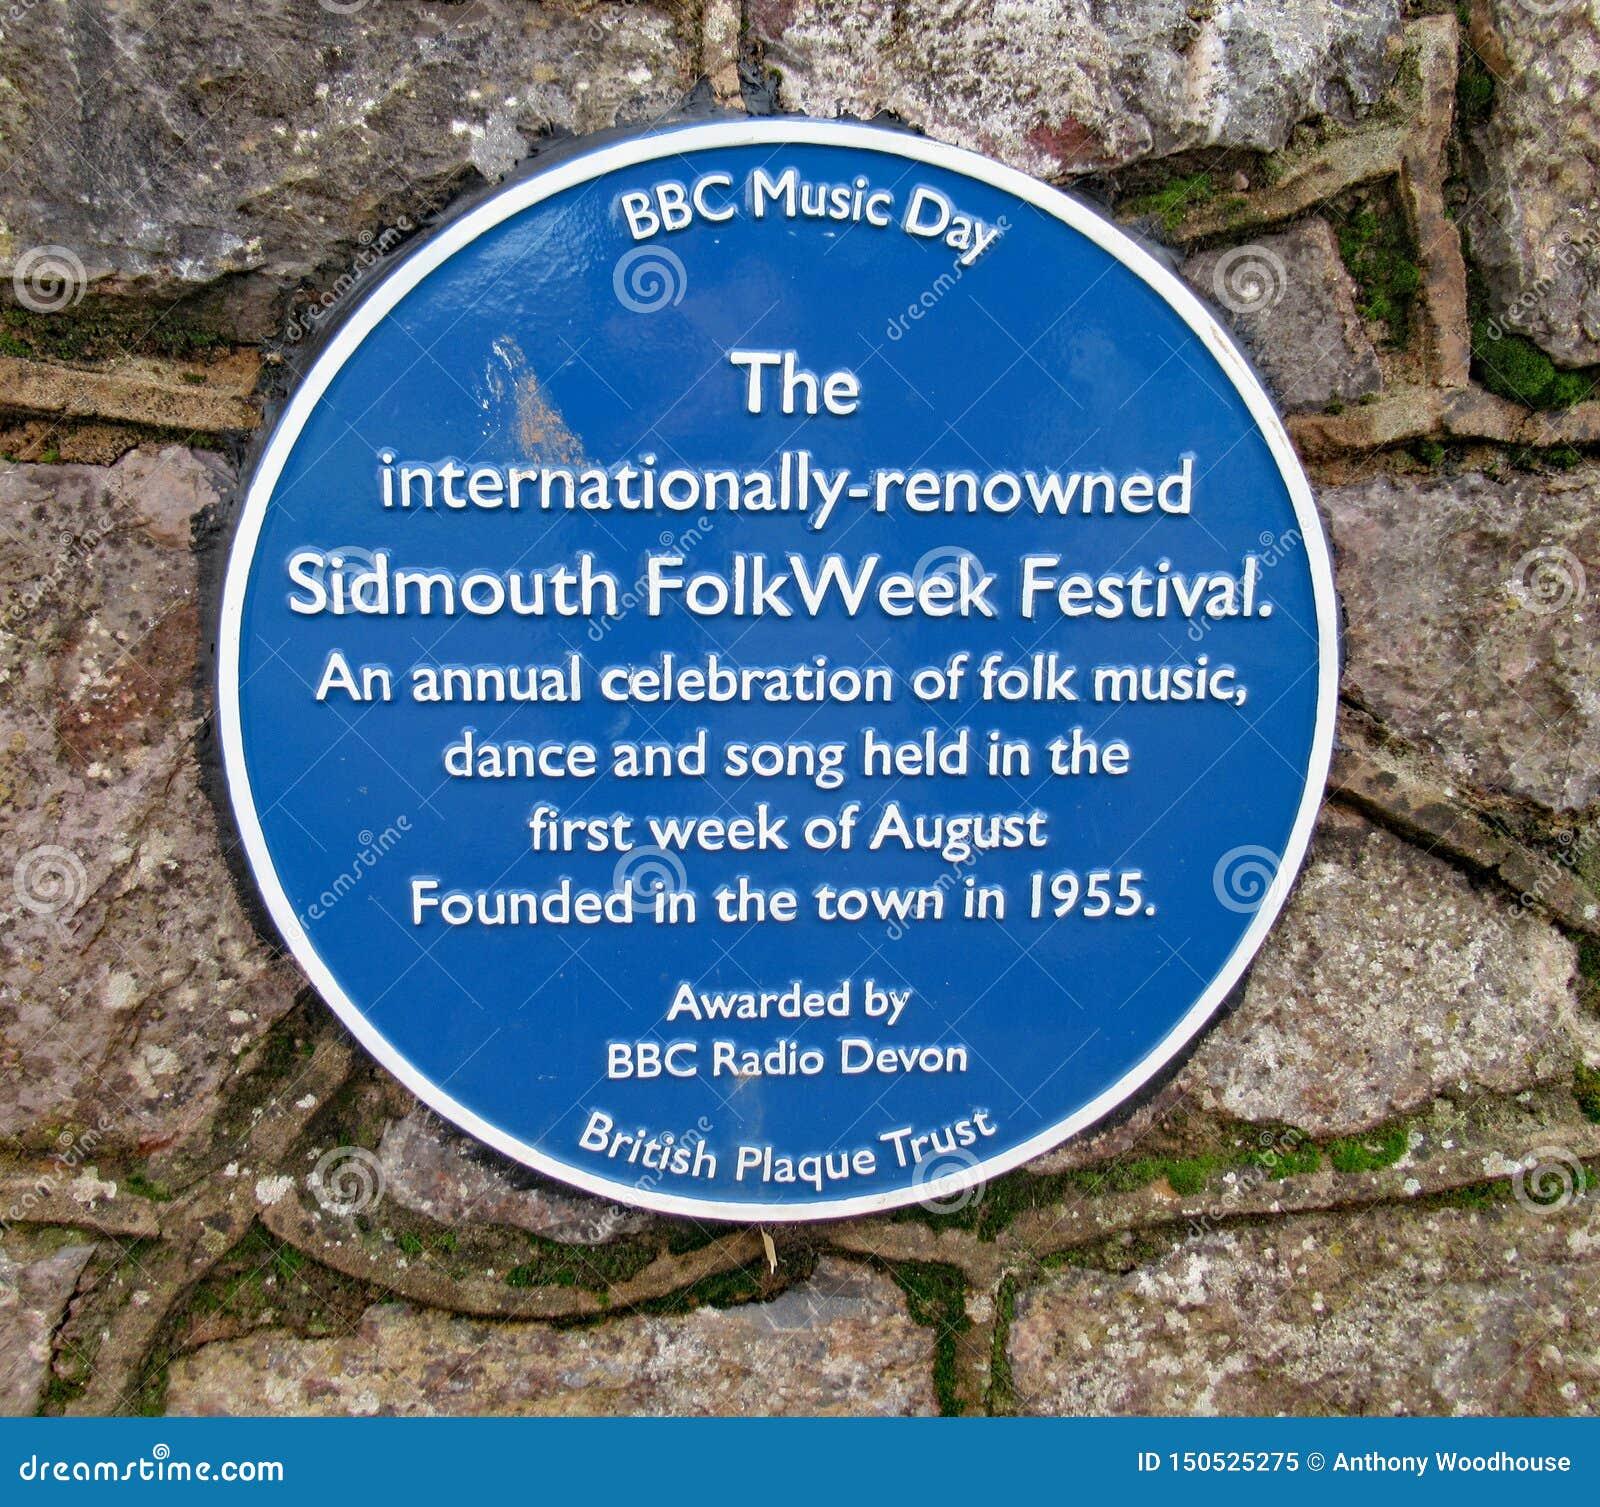 Uma chapa comemorativa azul sobre a semana popular anual realizada em Sidmouth durante a primeira semana em agosto todos os anos